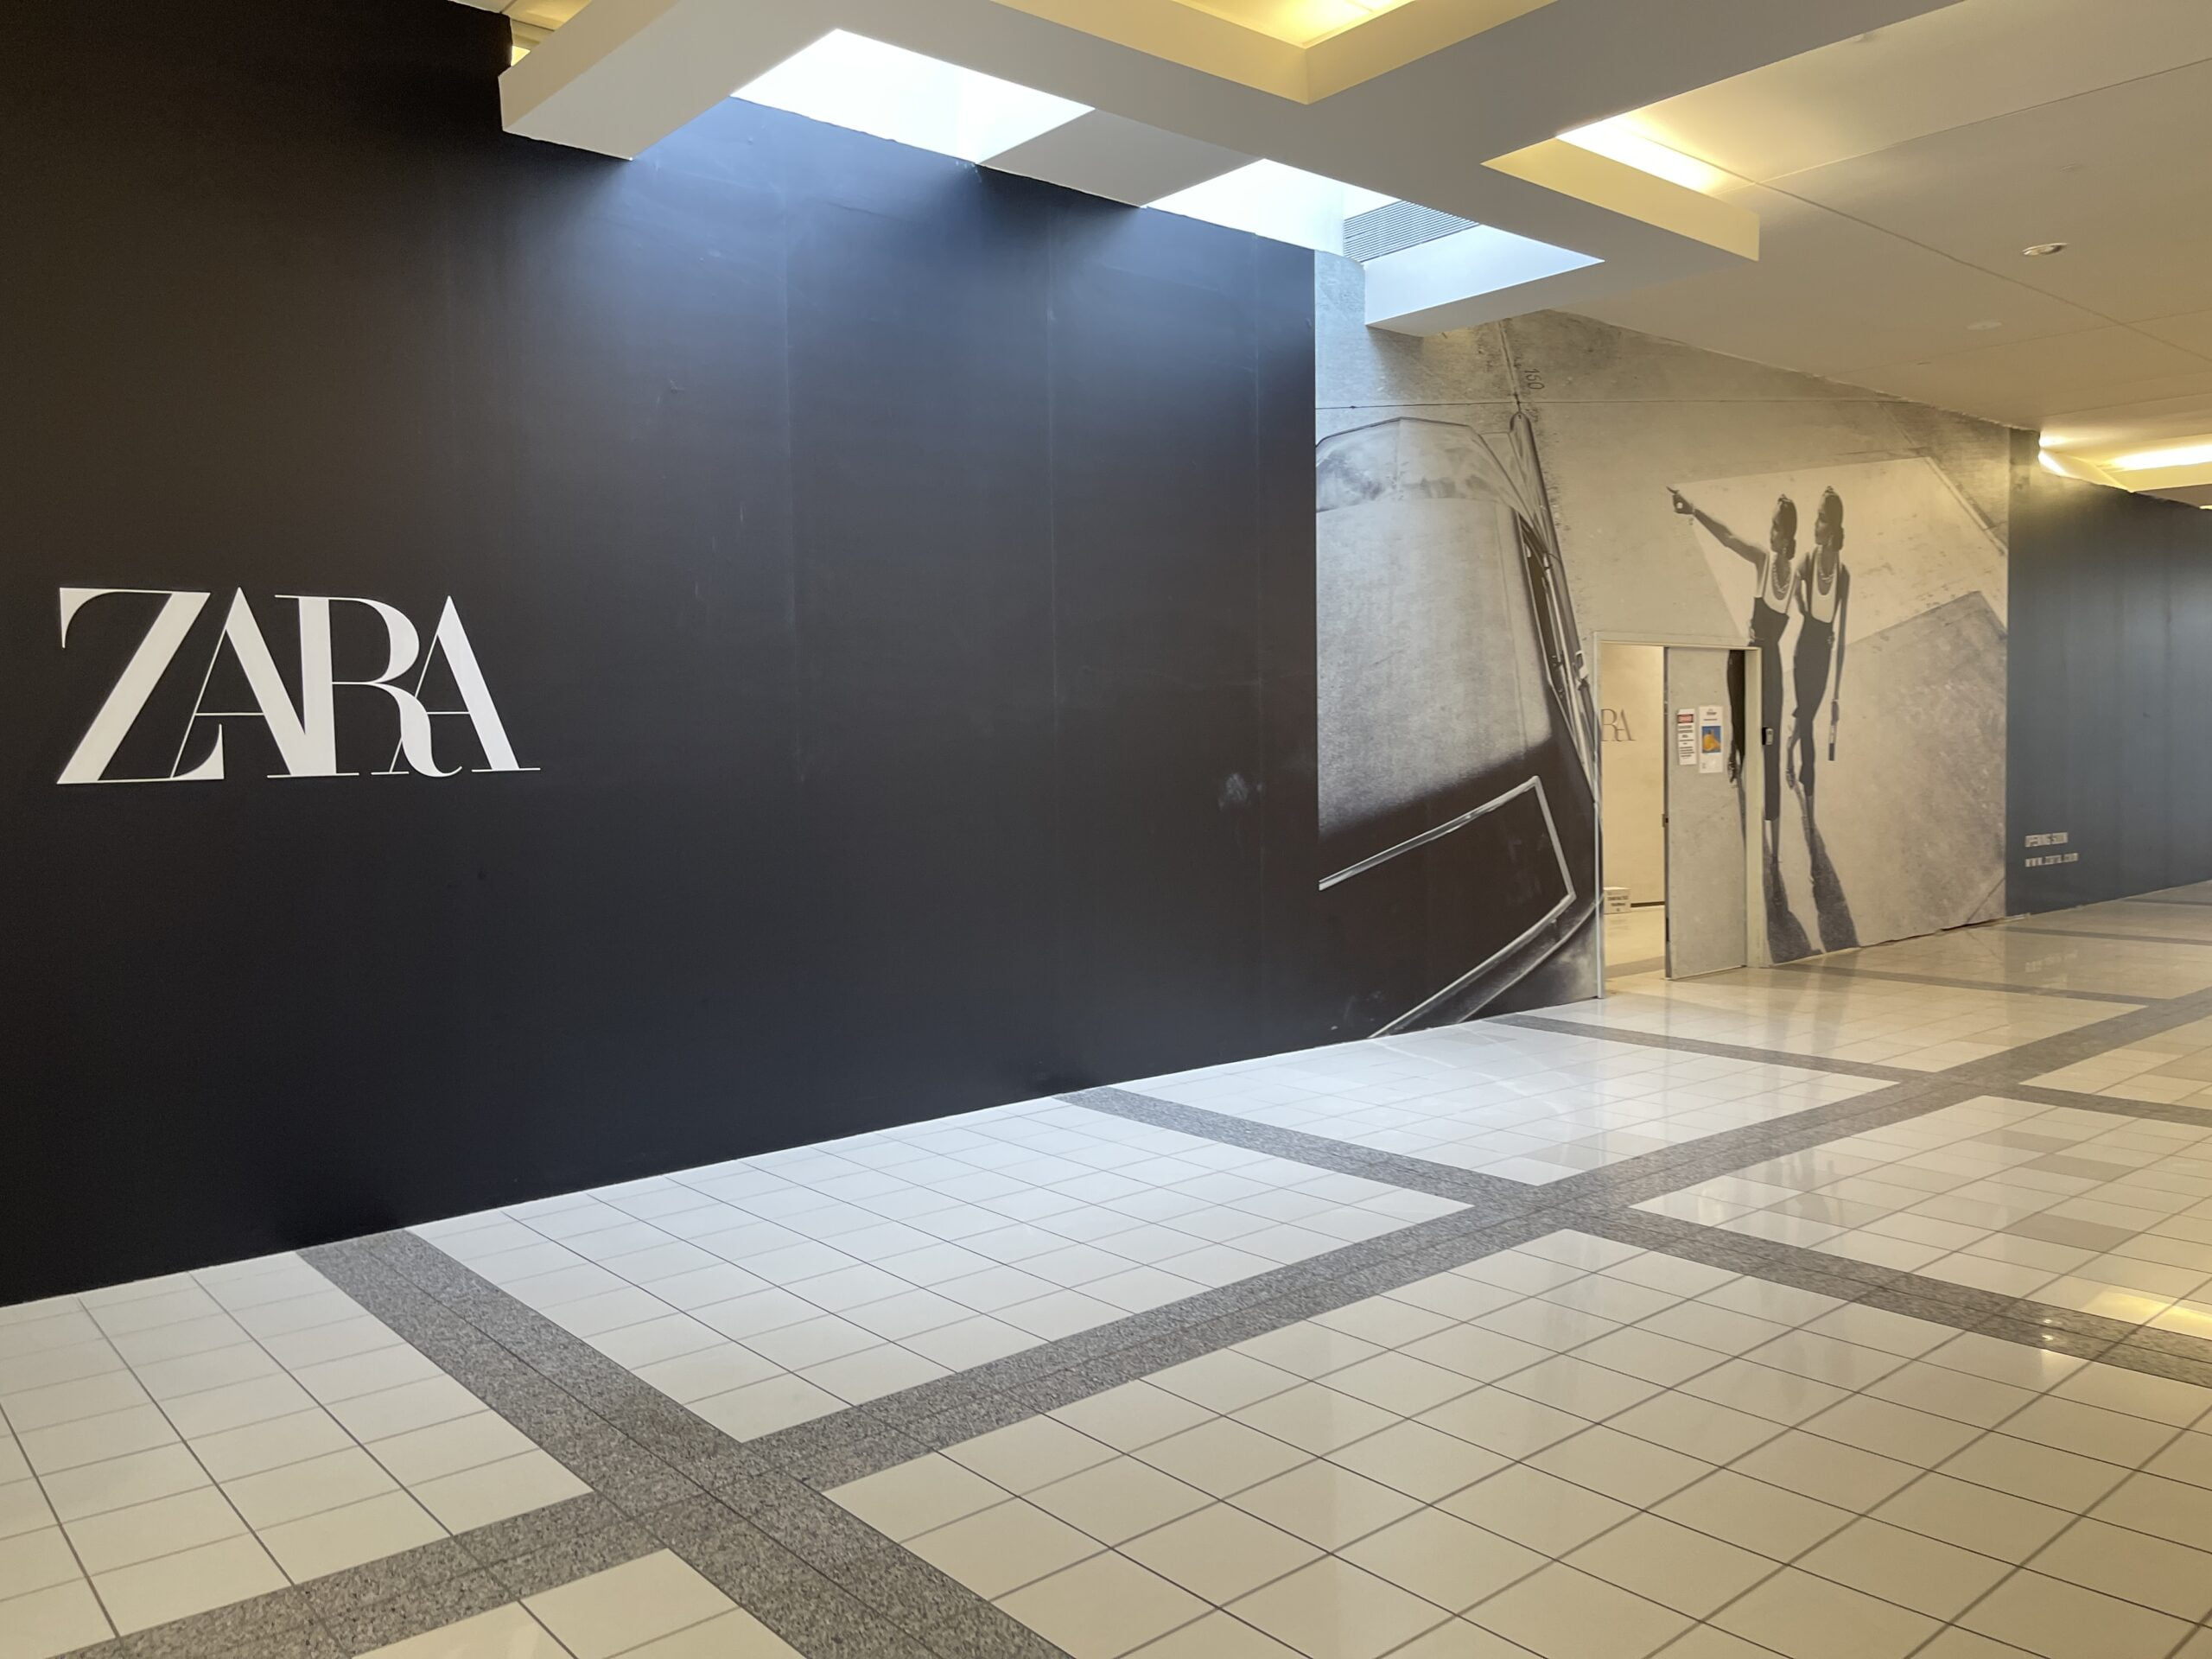 Zara Construction Signage (July 15, 2021) prior to reopening at Metropolis at Metrotown